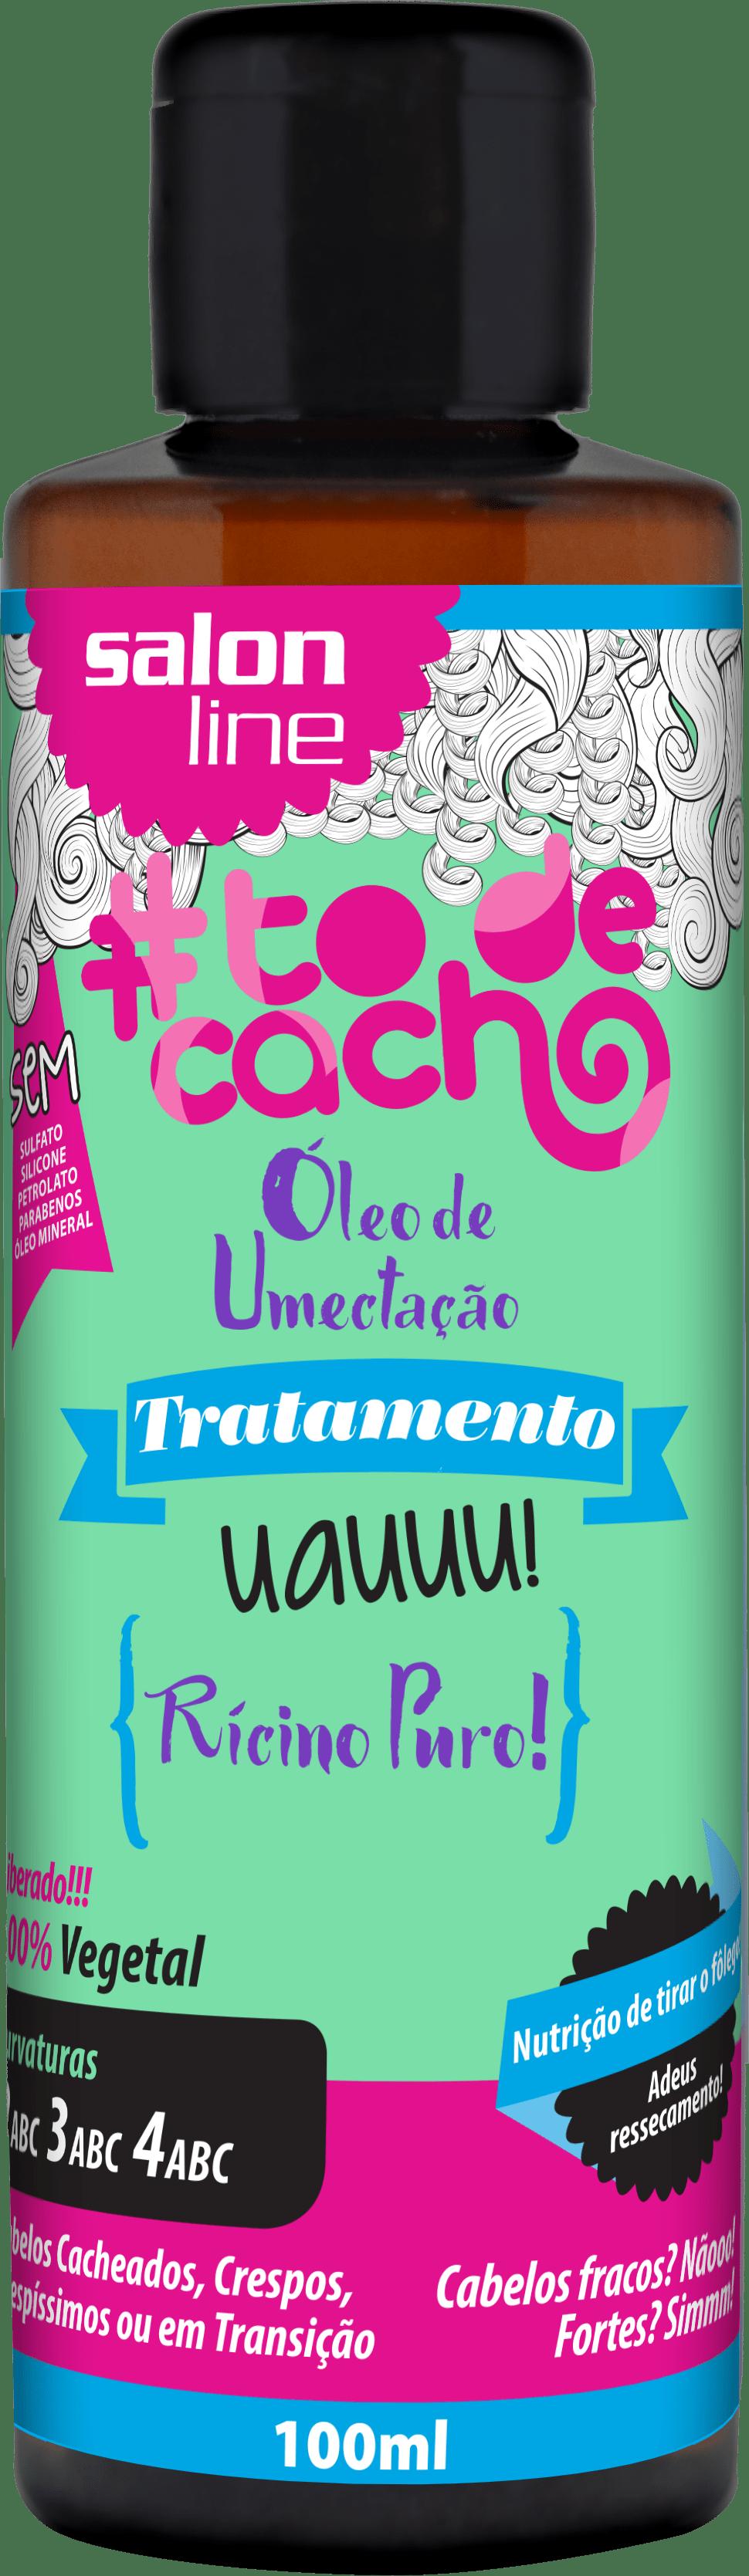 95055 OLEO DE UMECTACAO RICINO PURO TODECACHO 100ML - Como preparar os cachos antes da descoloração